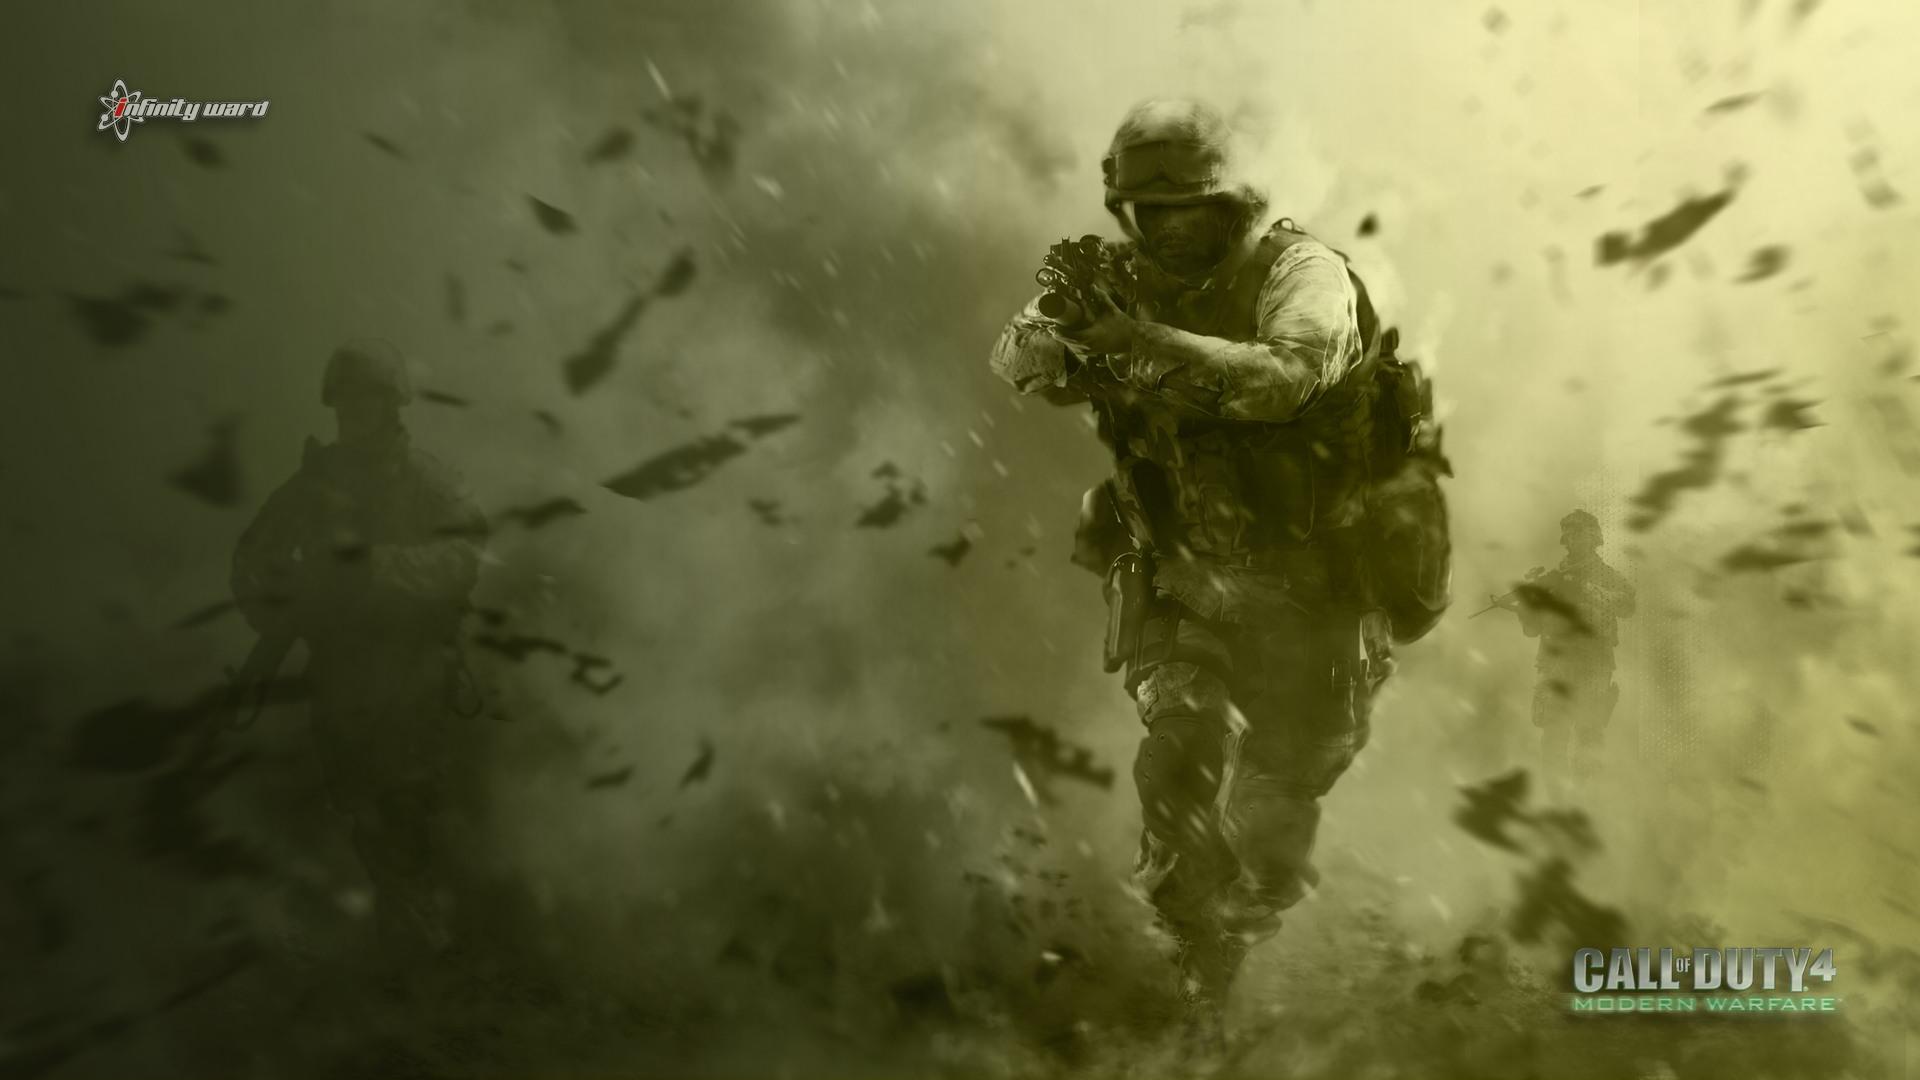 call of duty 4 modern warfare wallpaper 1 | wallpapersbq